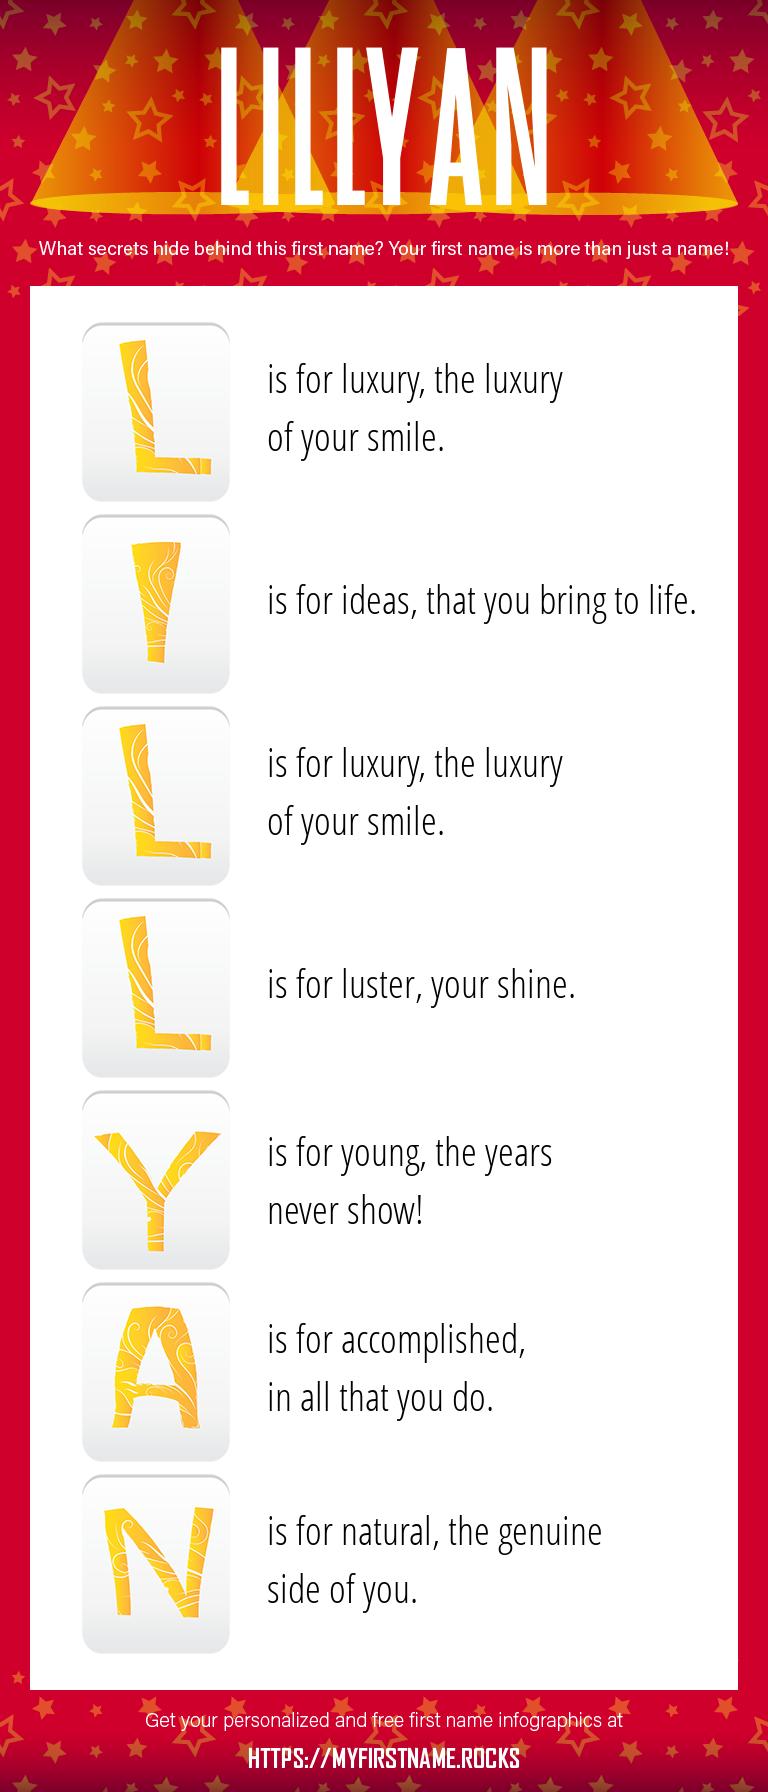 Lillyan Infographics